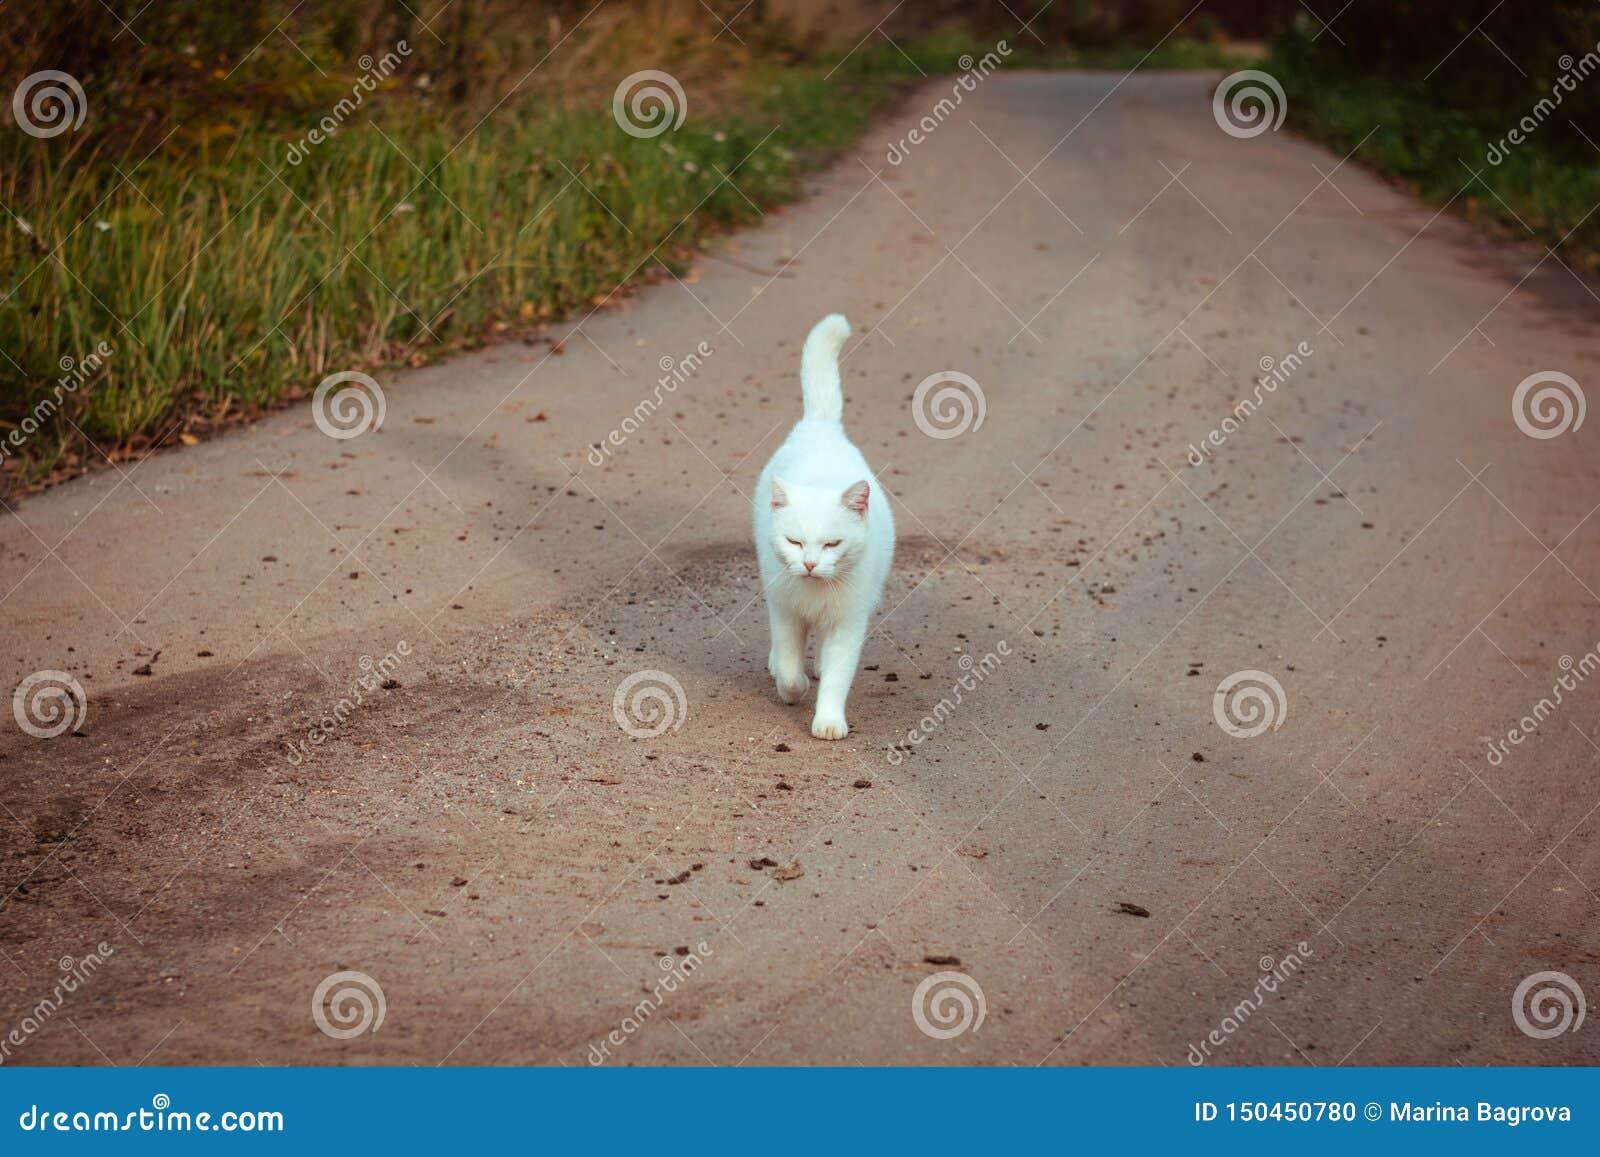 Biały bezdomny piękny kota odprowadzenie na drogowym, gapić się i mrużyć, Osamotniony przybłąkany kot szuka dom i właściciela